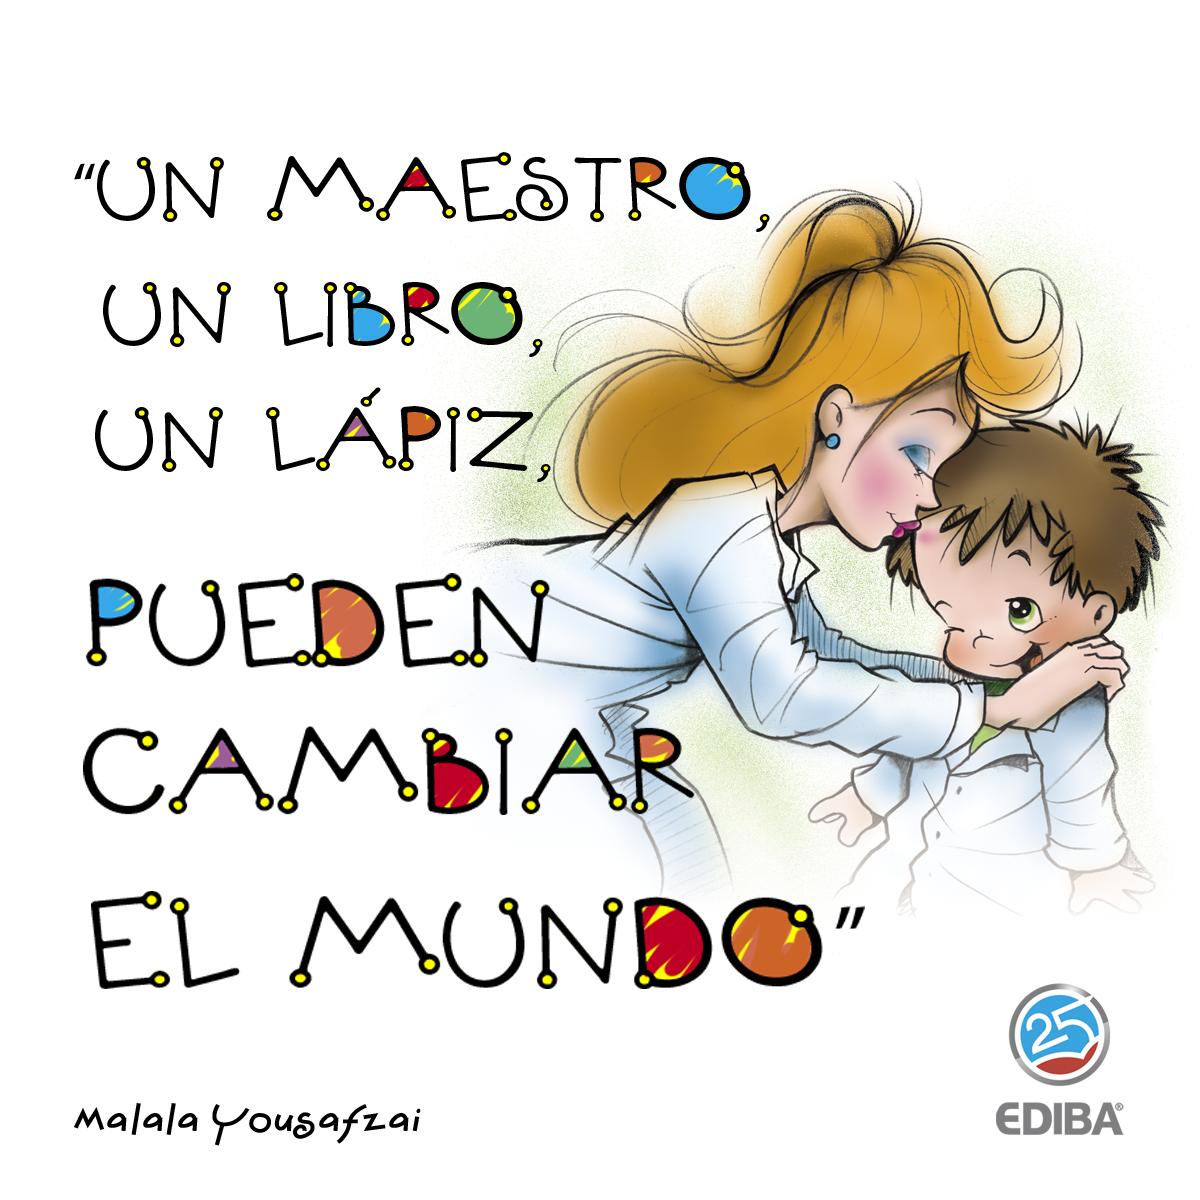 Un Maestro Un Libro Un Lapiz Pueden Cambiar El Mundo Frases Para Maestros Frases Dia Del Maestro Felicitaciones Para Maestros